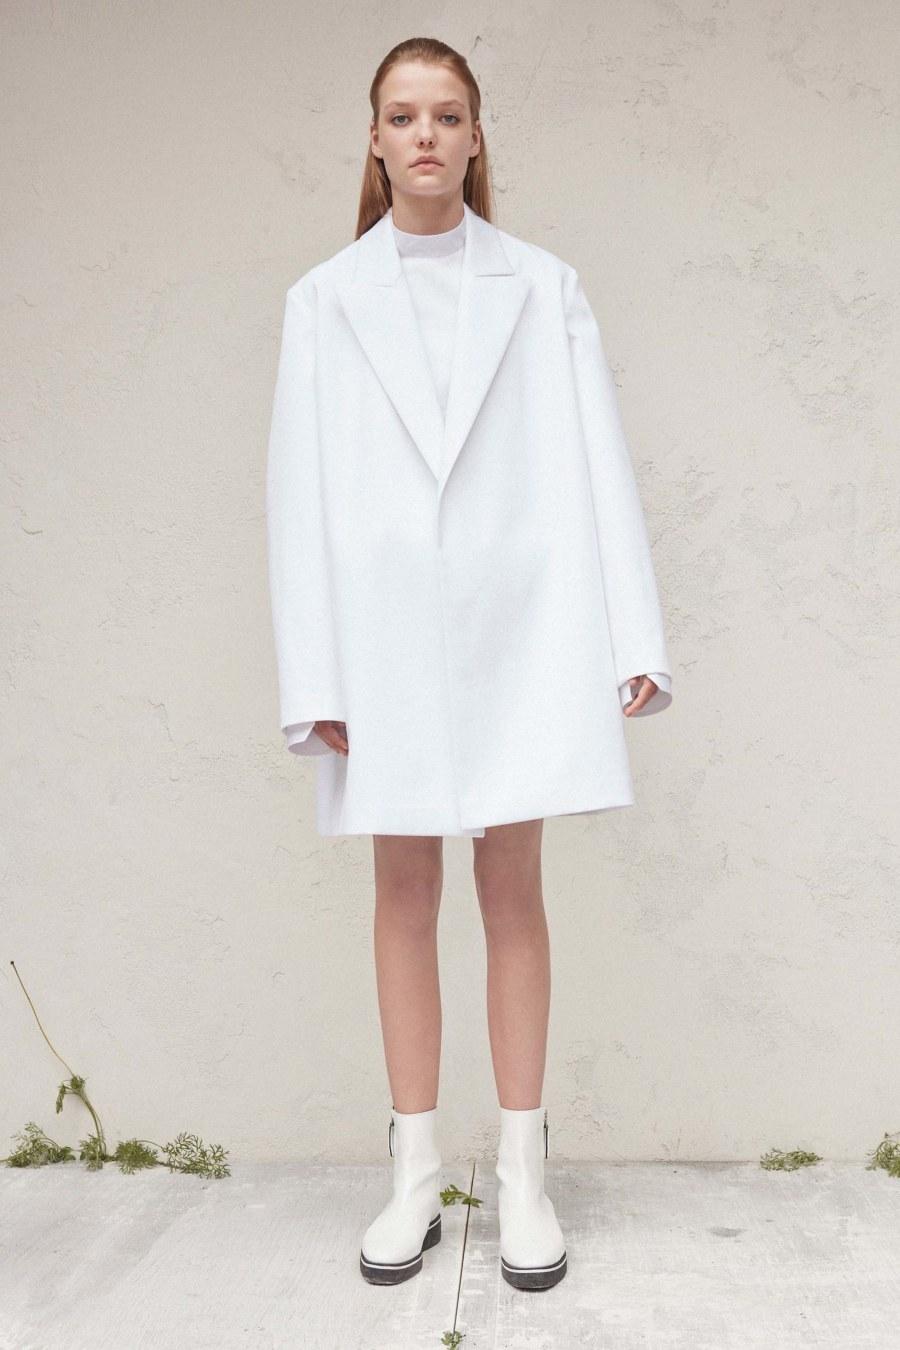 Calvin Klein Resort 2017 - FashionWonderer (6)